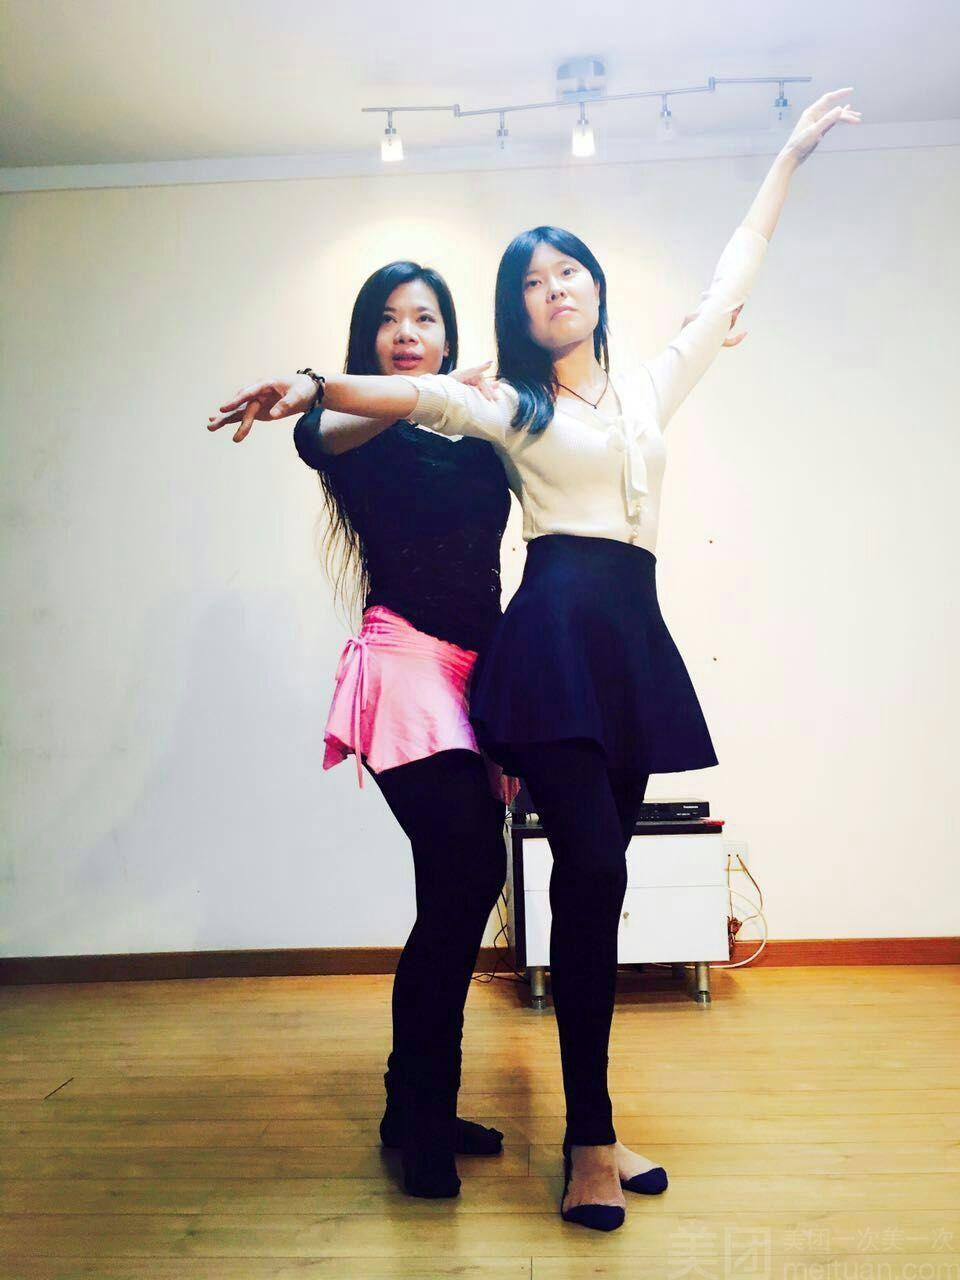 爱 dance东方舞-美团